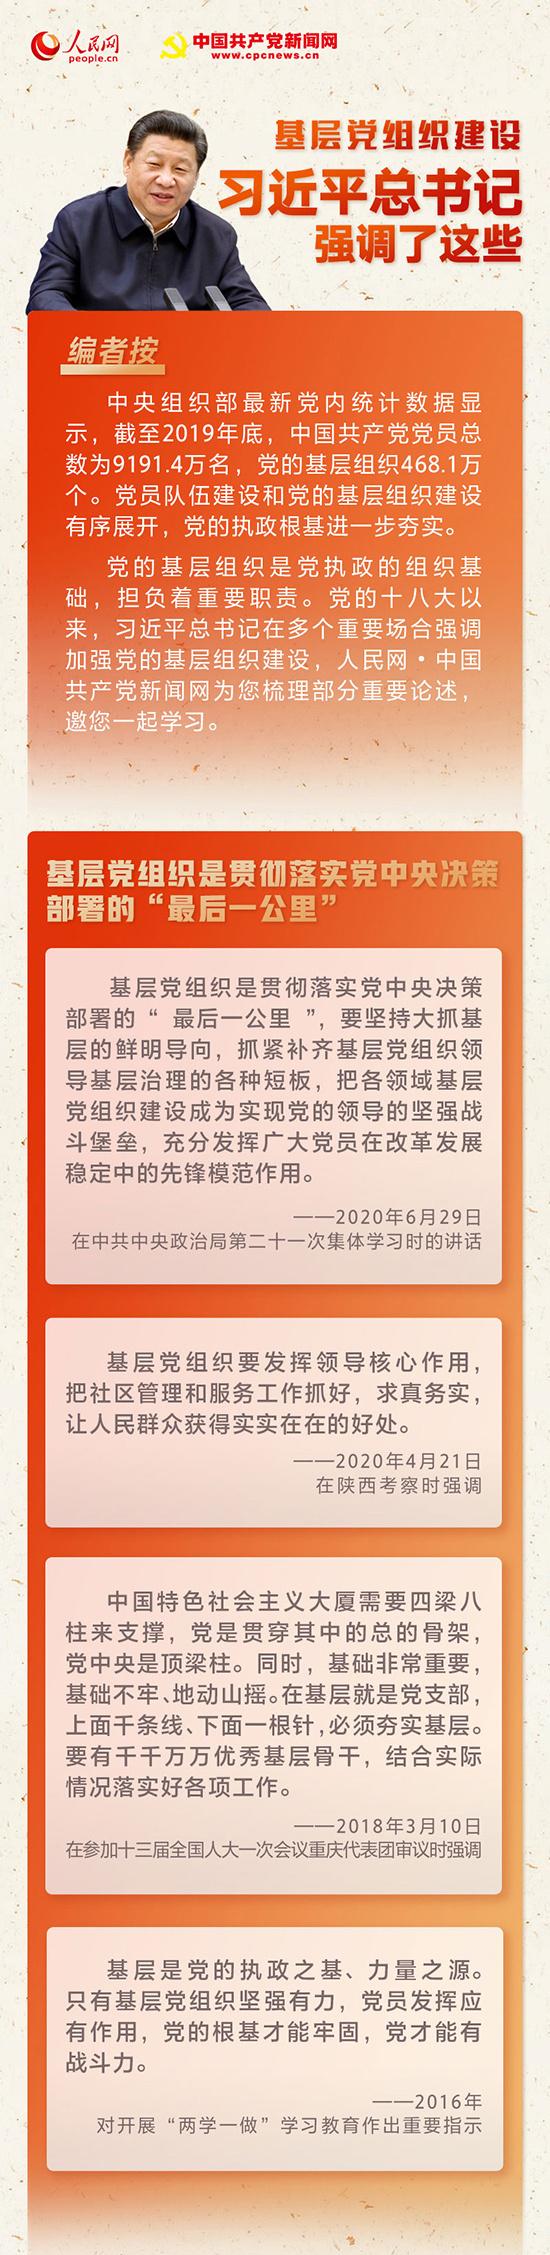 基层党组织建设 习近平总书记强调了这些